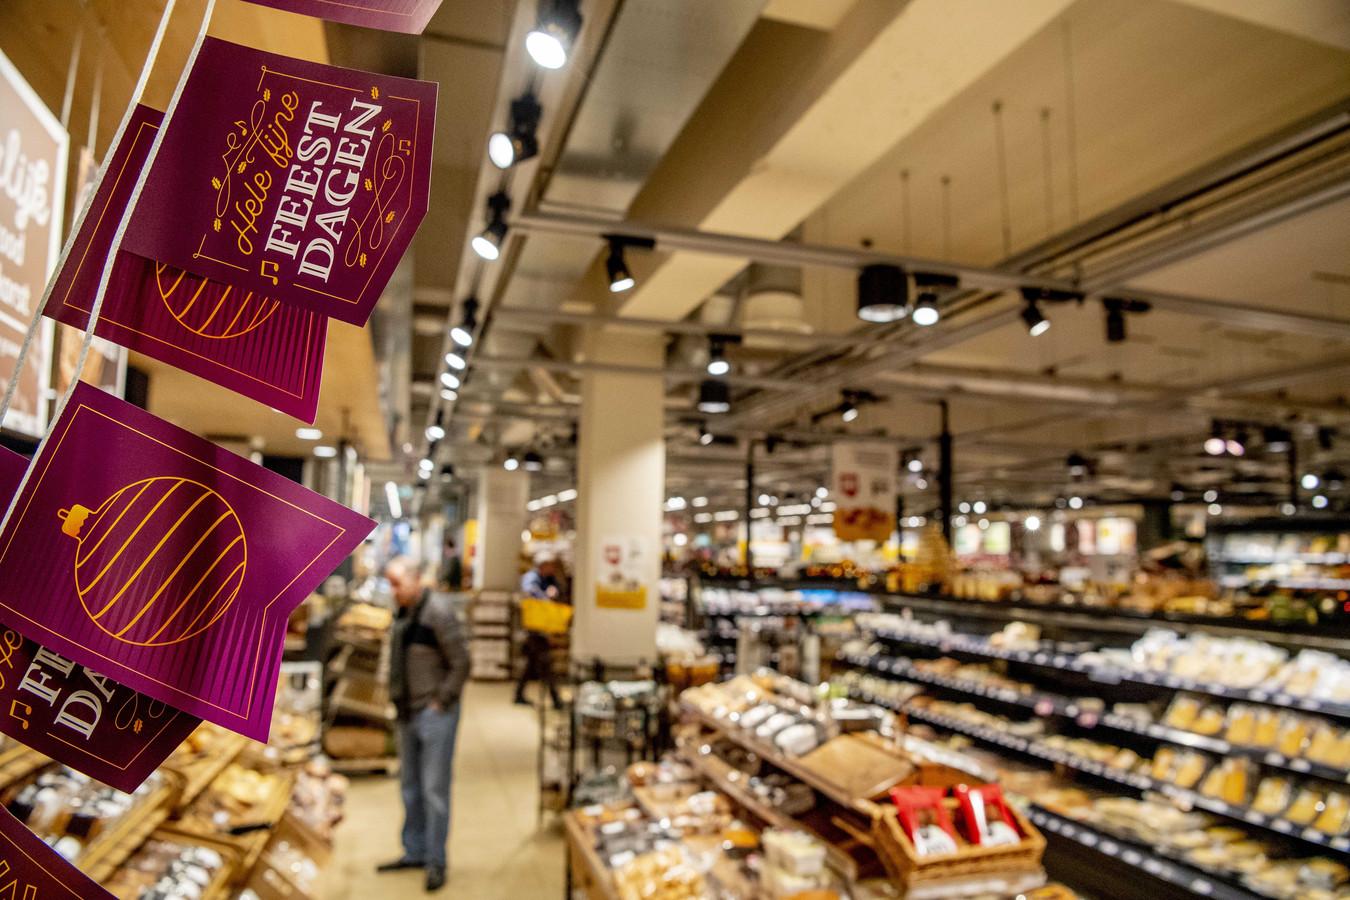 Als de boeren op 18 december de bevoorrading van de supermarkten mogelijk platleggen, is dat van grote invloed op de kerstinkopen in de winkels.